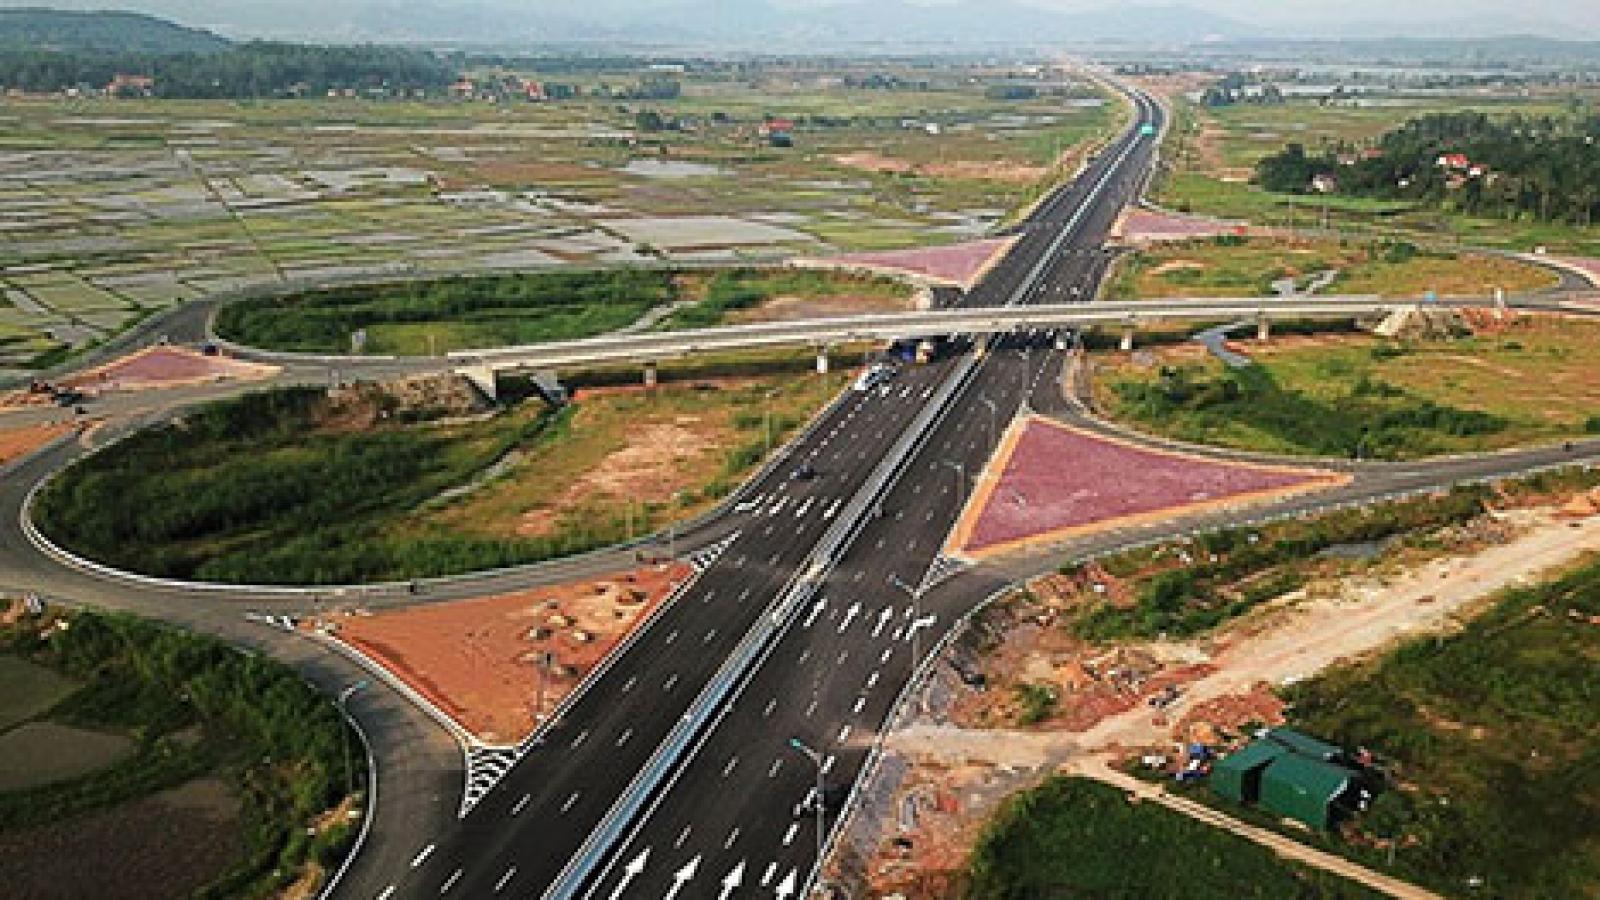 Đầu tư cơ sở hạ tầng góp phần thúc đẩy phát triển kinh tế - xã hội Quảng Ninh